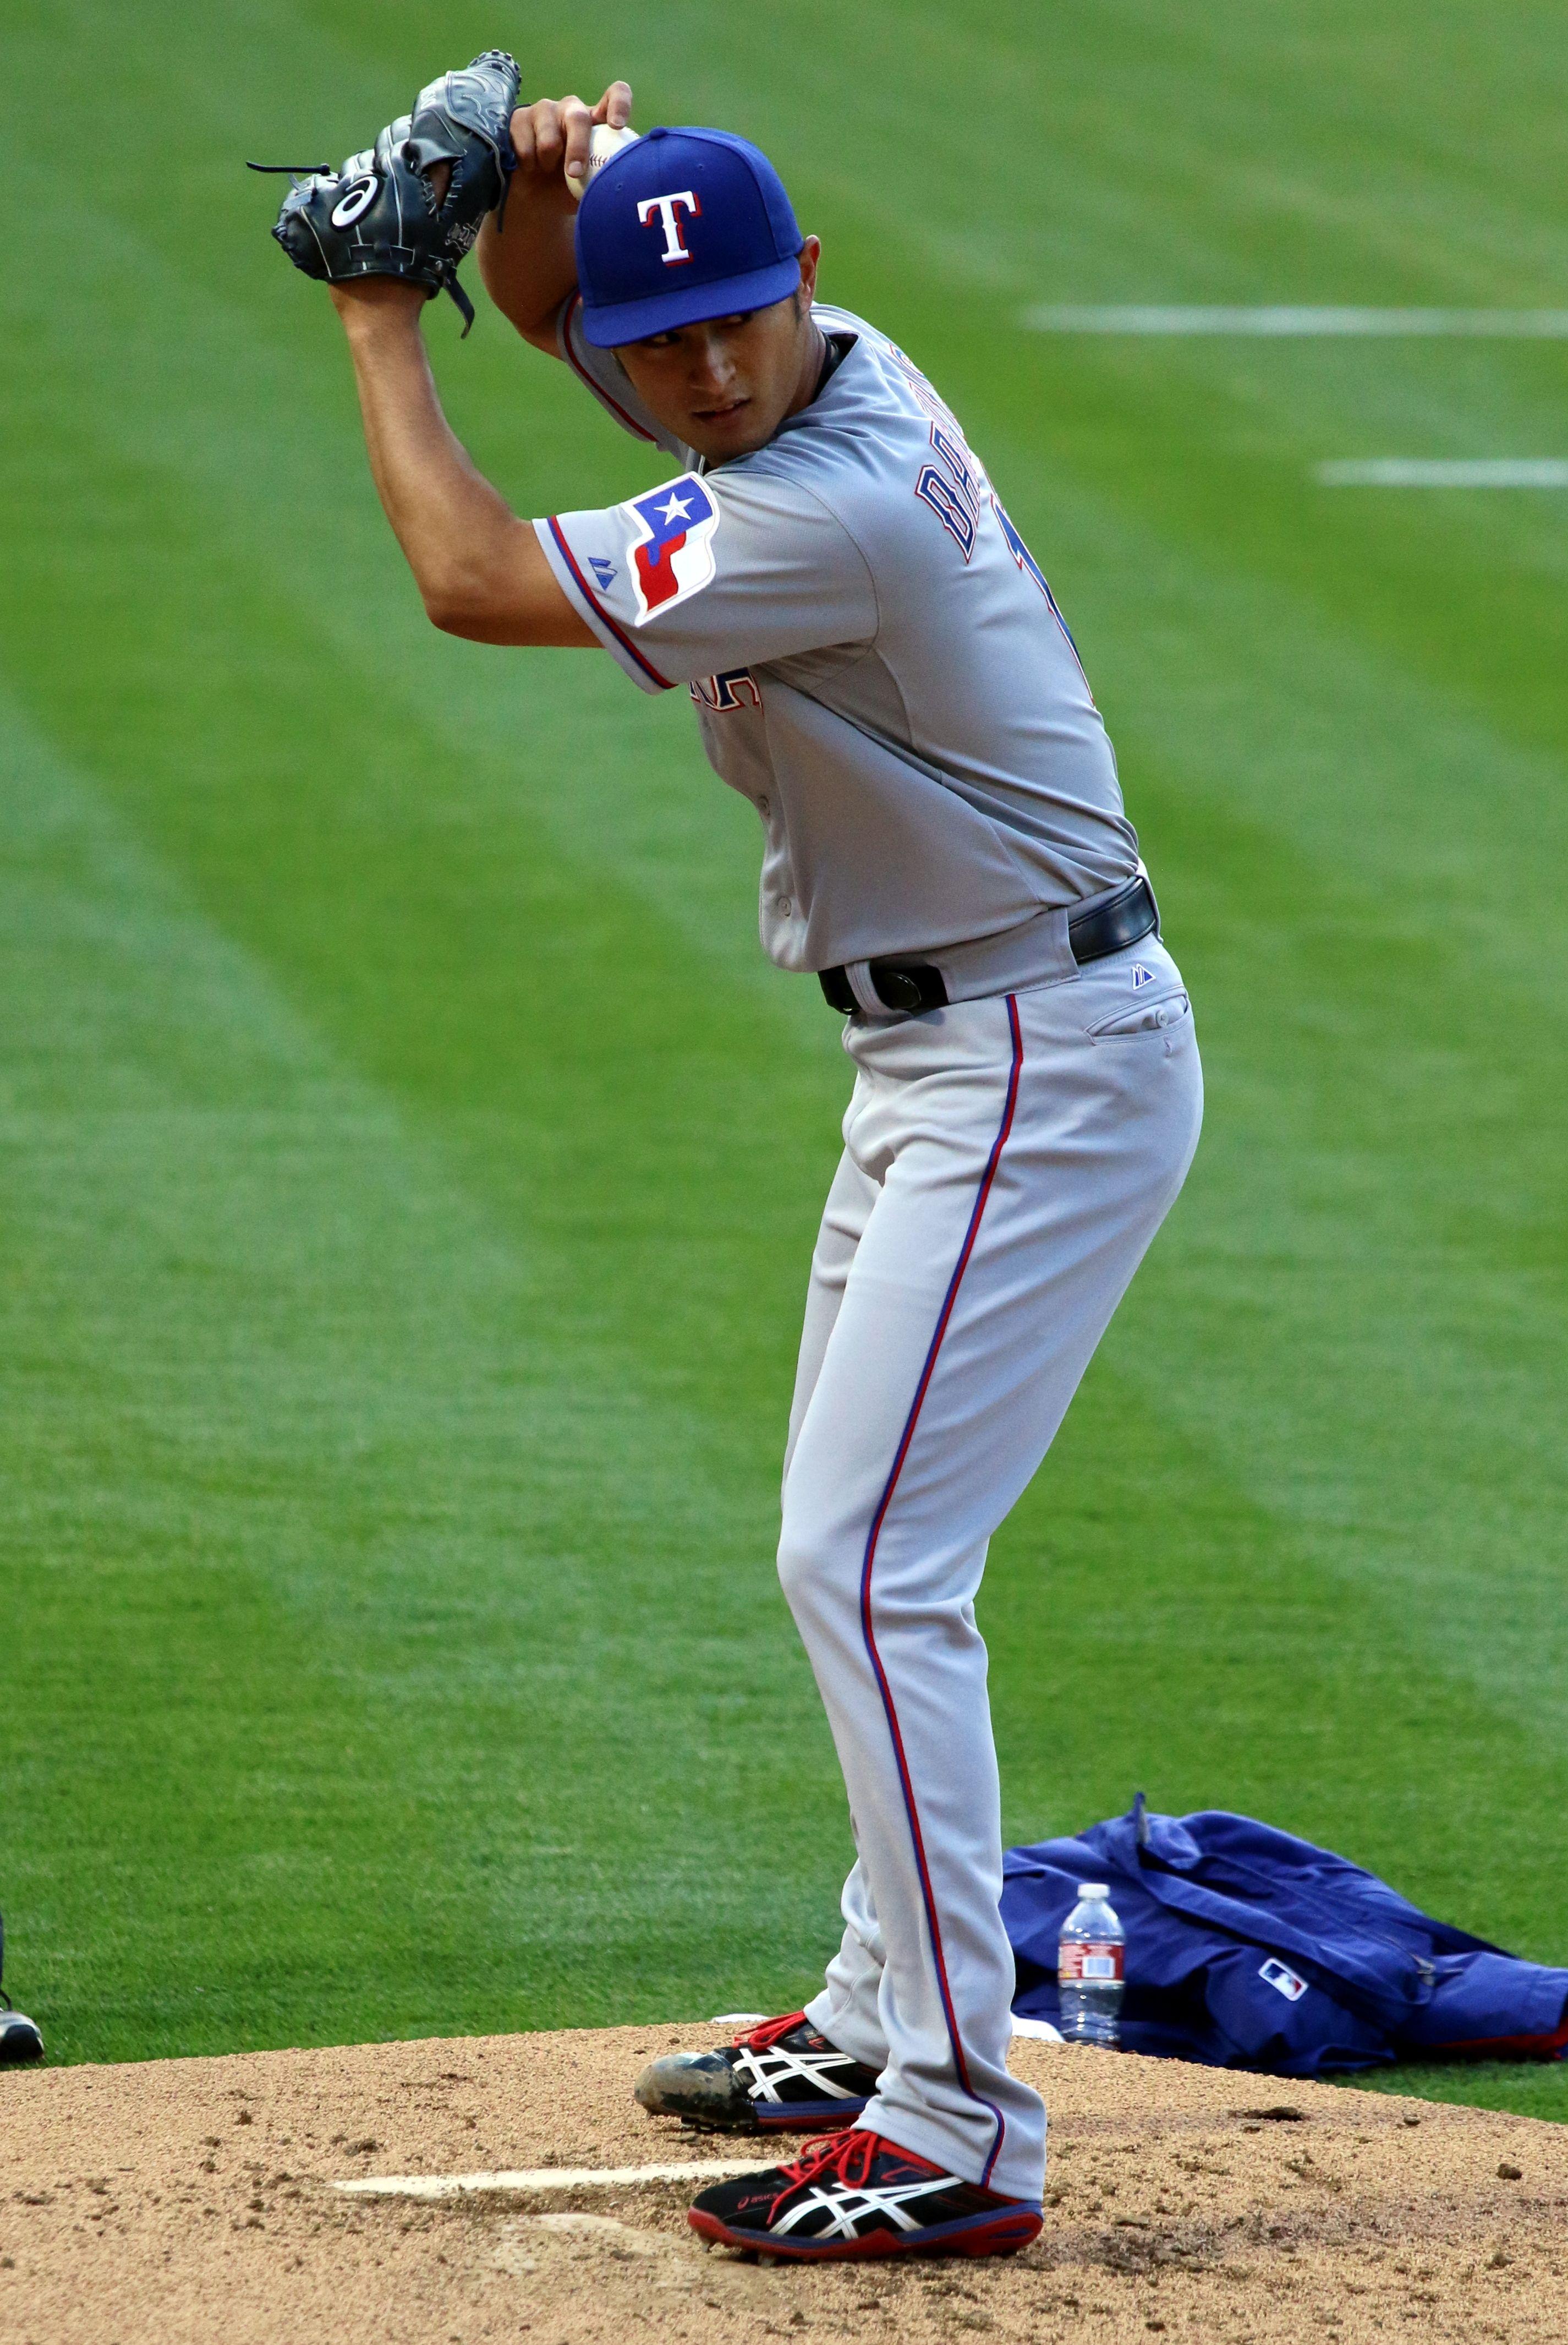 プロ野球選手ダルビッシュ有 かっこいい壁紙